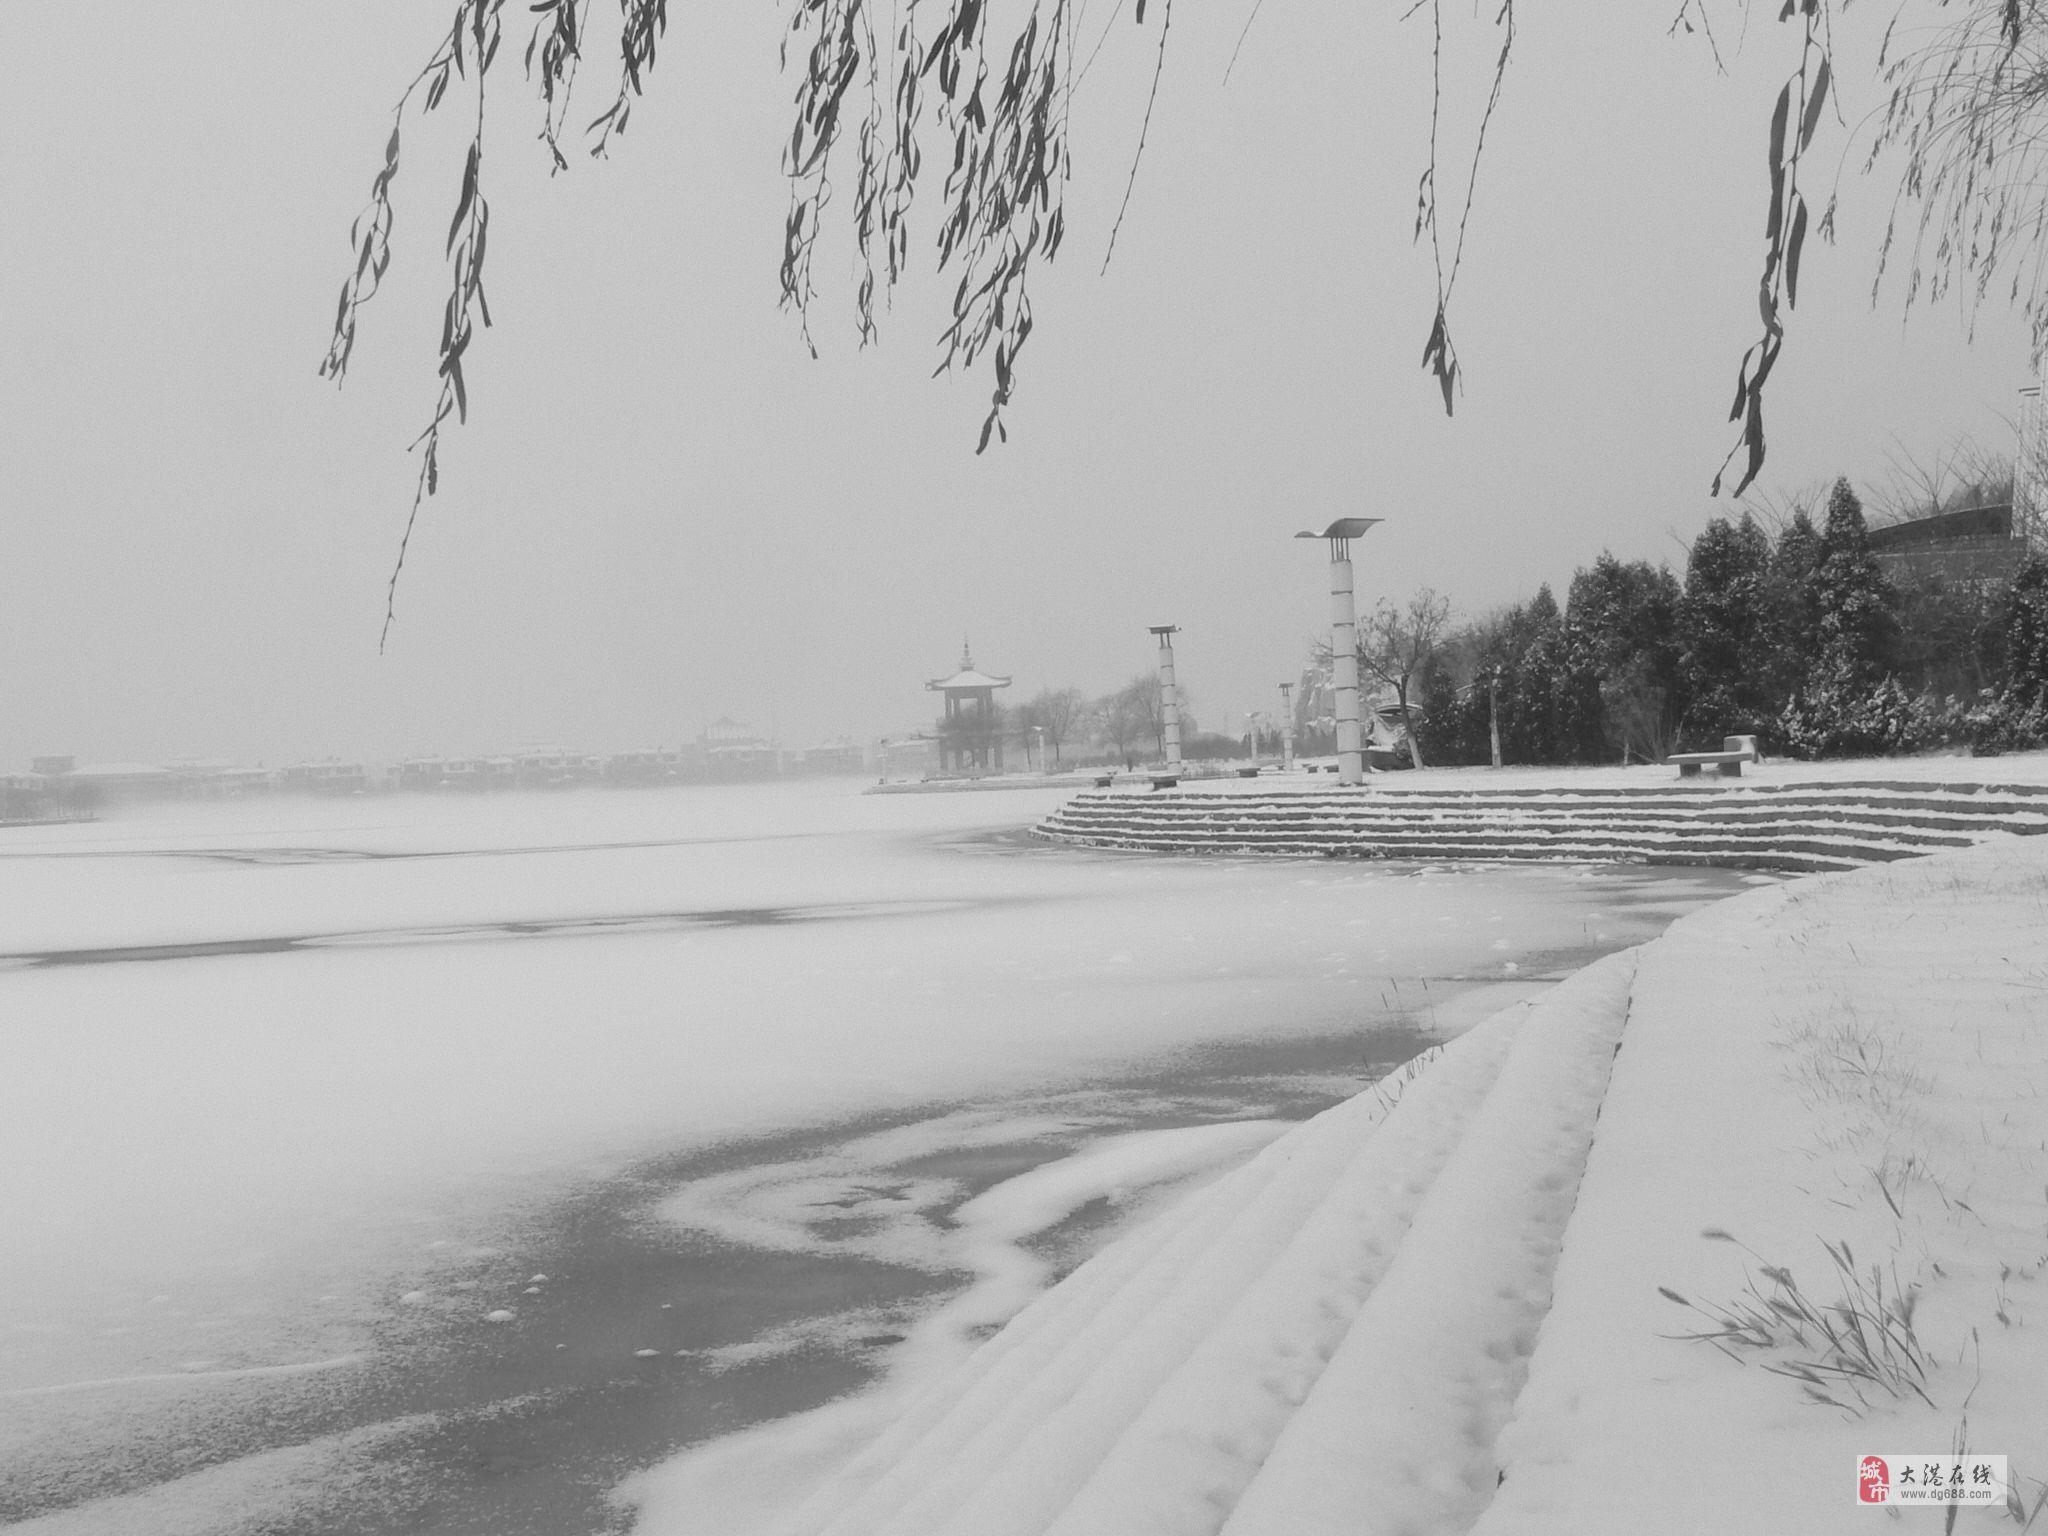 雪后临潮湖